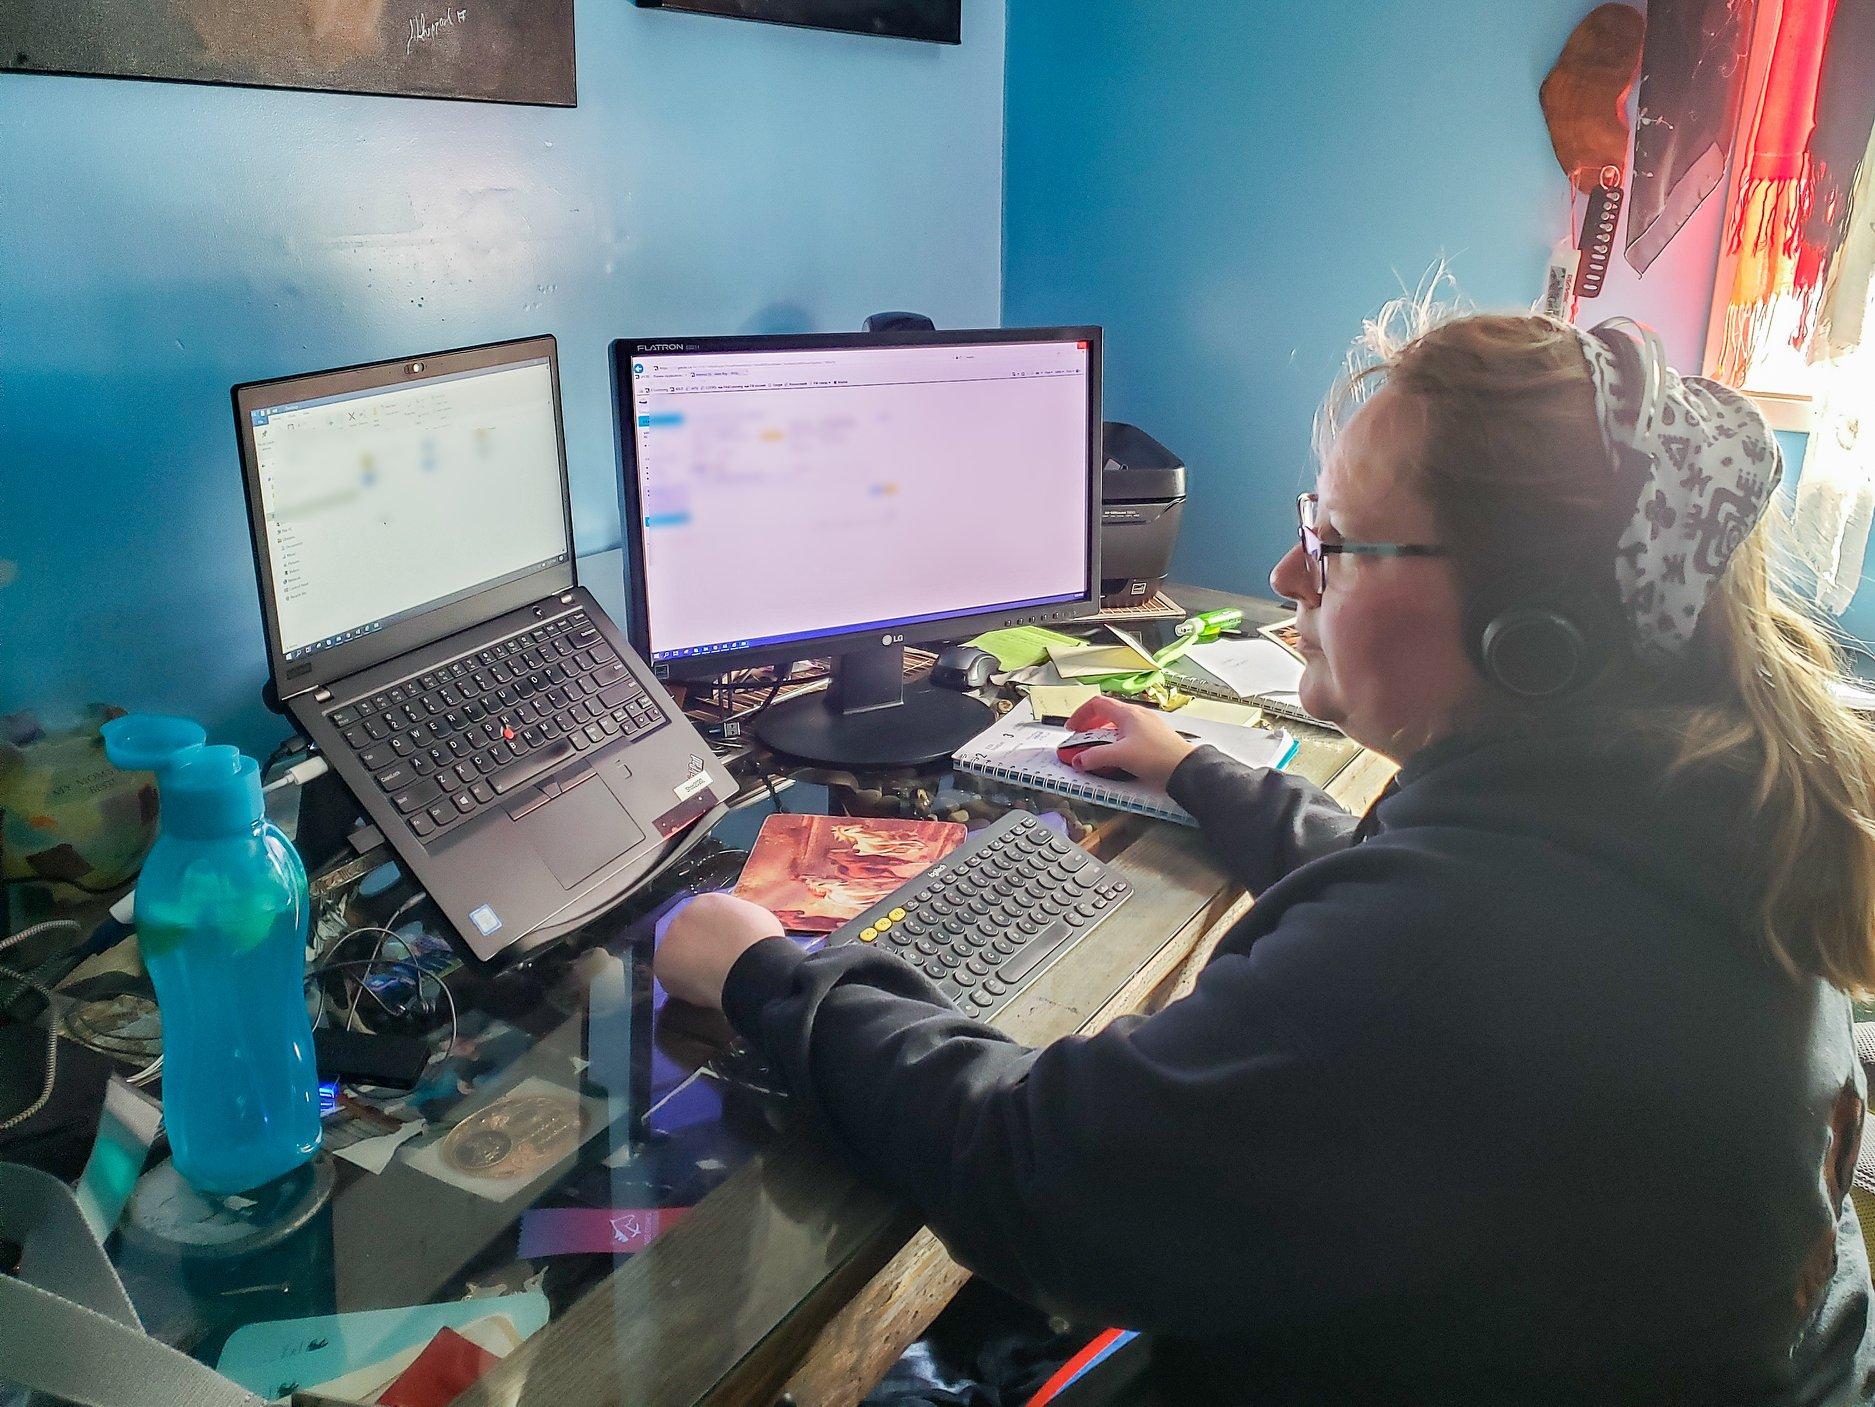 卑詩公務員對嚴重疫情下回辦公室上班感擔憂 | 多倫多 | 加拿大中文新聞網 - 加拿大星島日報 Canada Chinese News